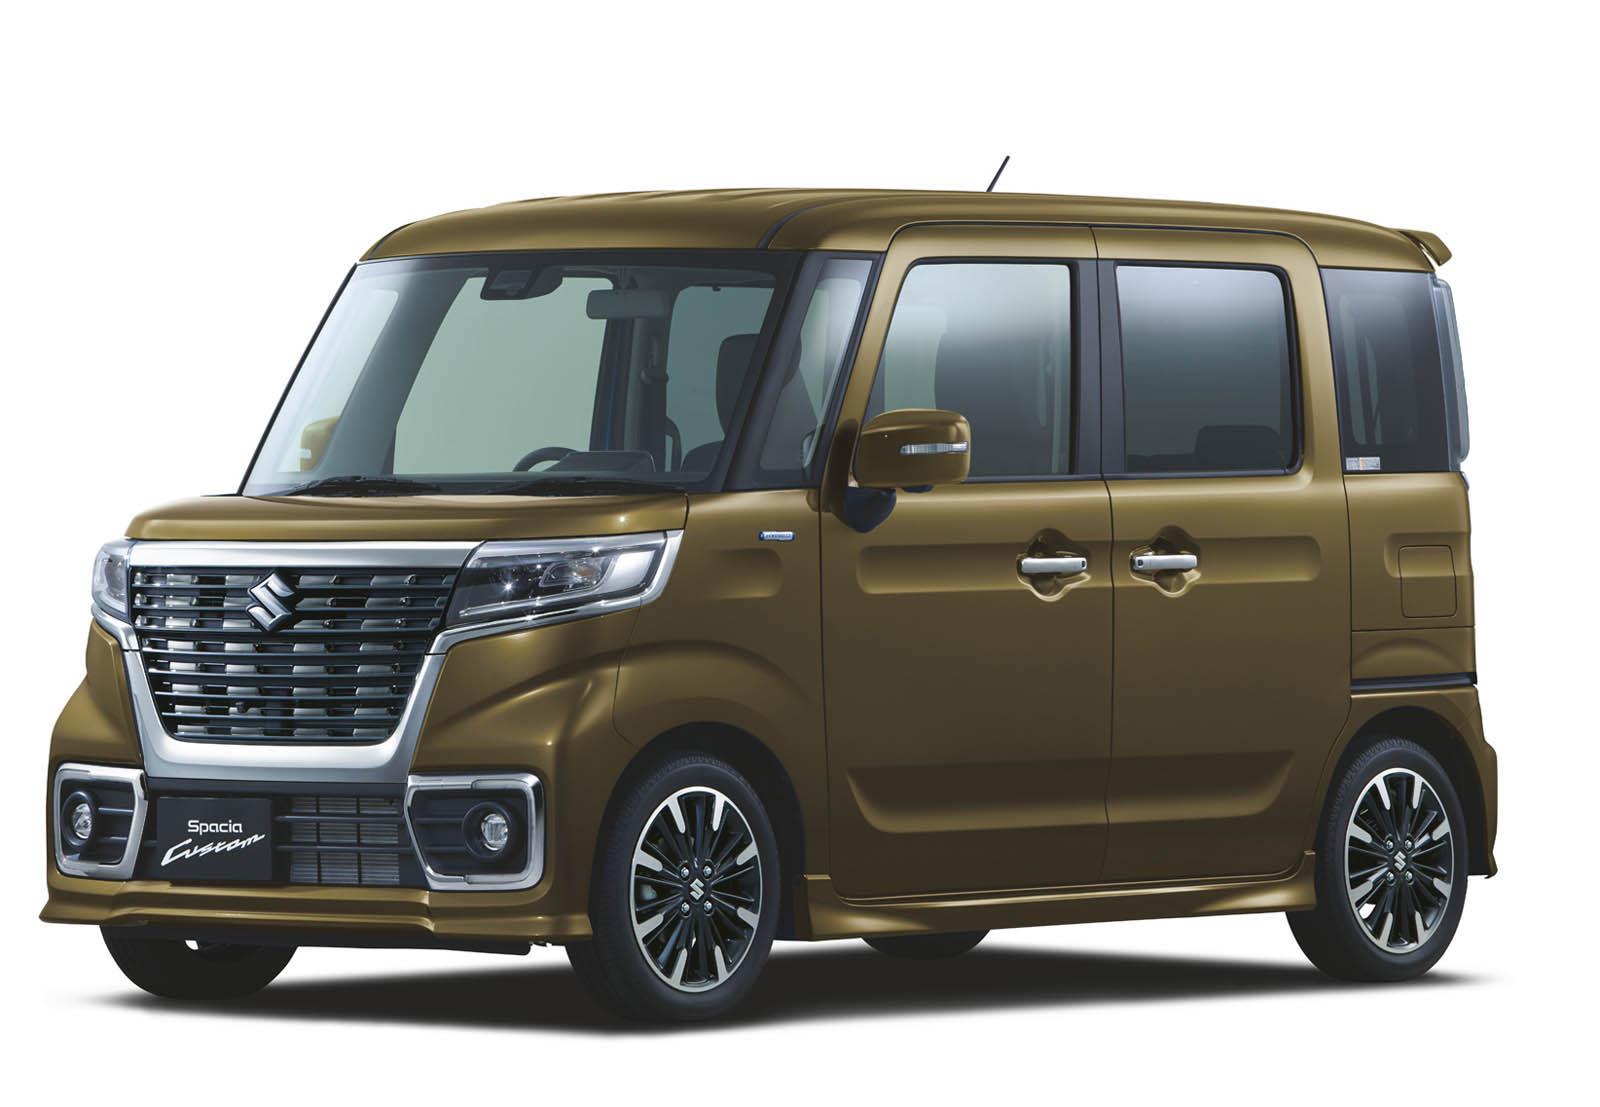 Suzuki Spacia 2018 (28)